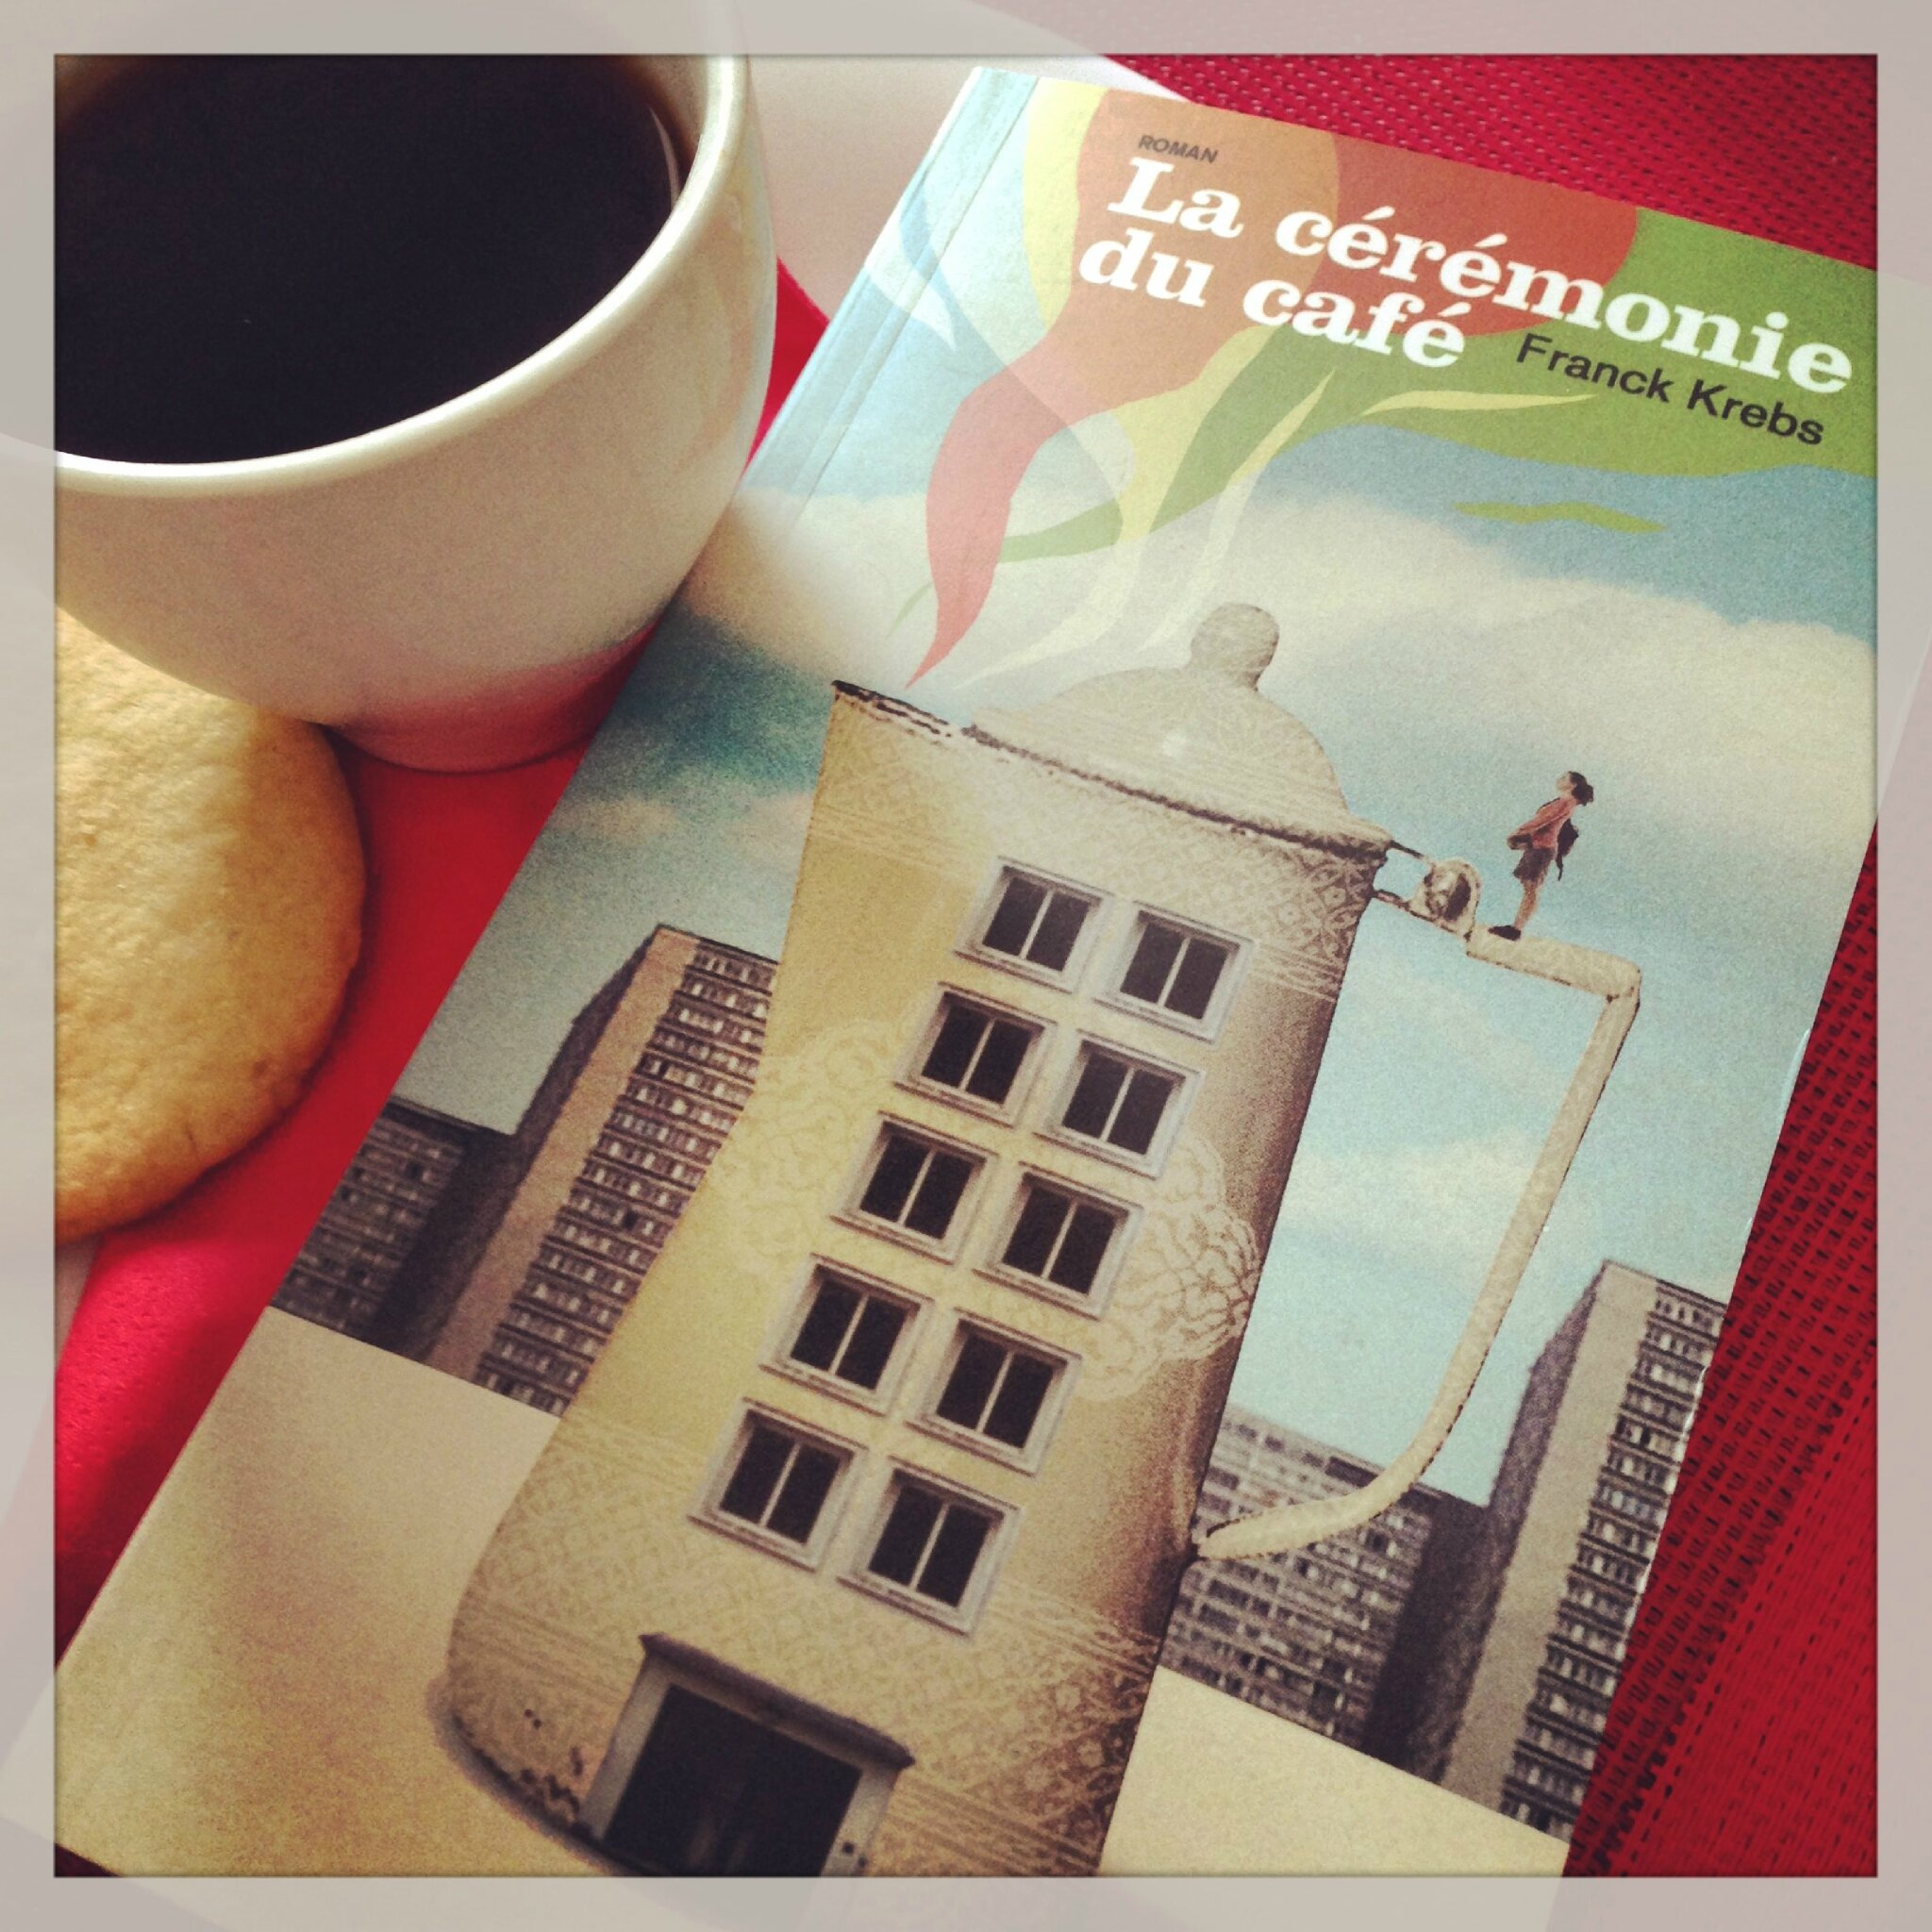 LA CÉRÉMONIE DU CAFÉ - Franck KREBS - Lecture commune mère/fille.